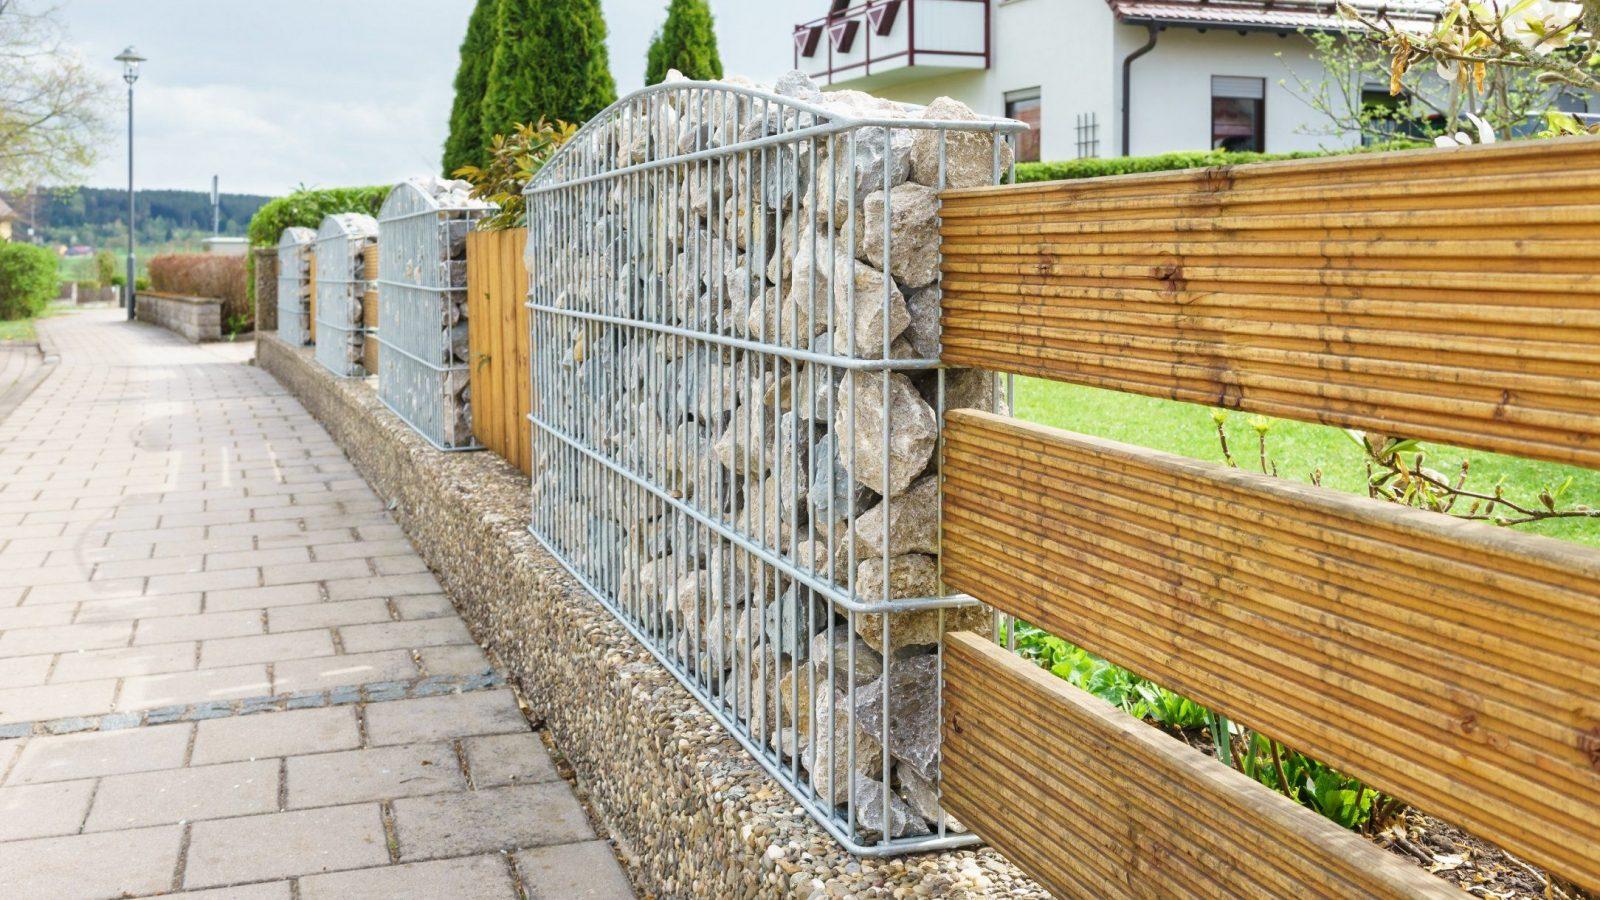 Holzzaun Selber Bauen Anleitung Zm66 – Hitoiro von Gartenzaun Selber Bauen Metall Bild